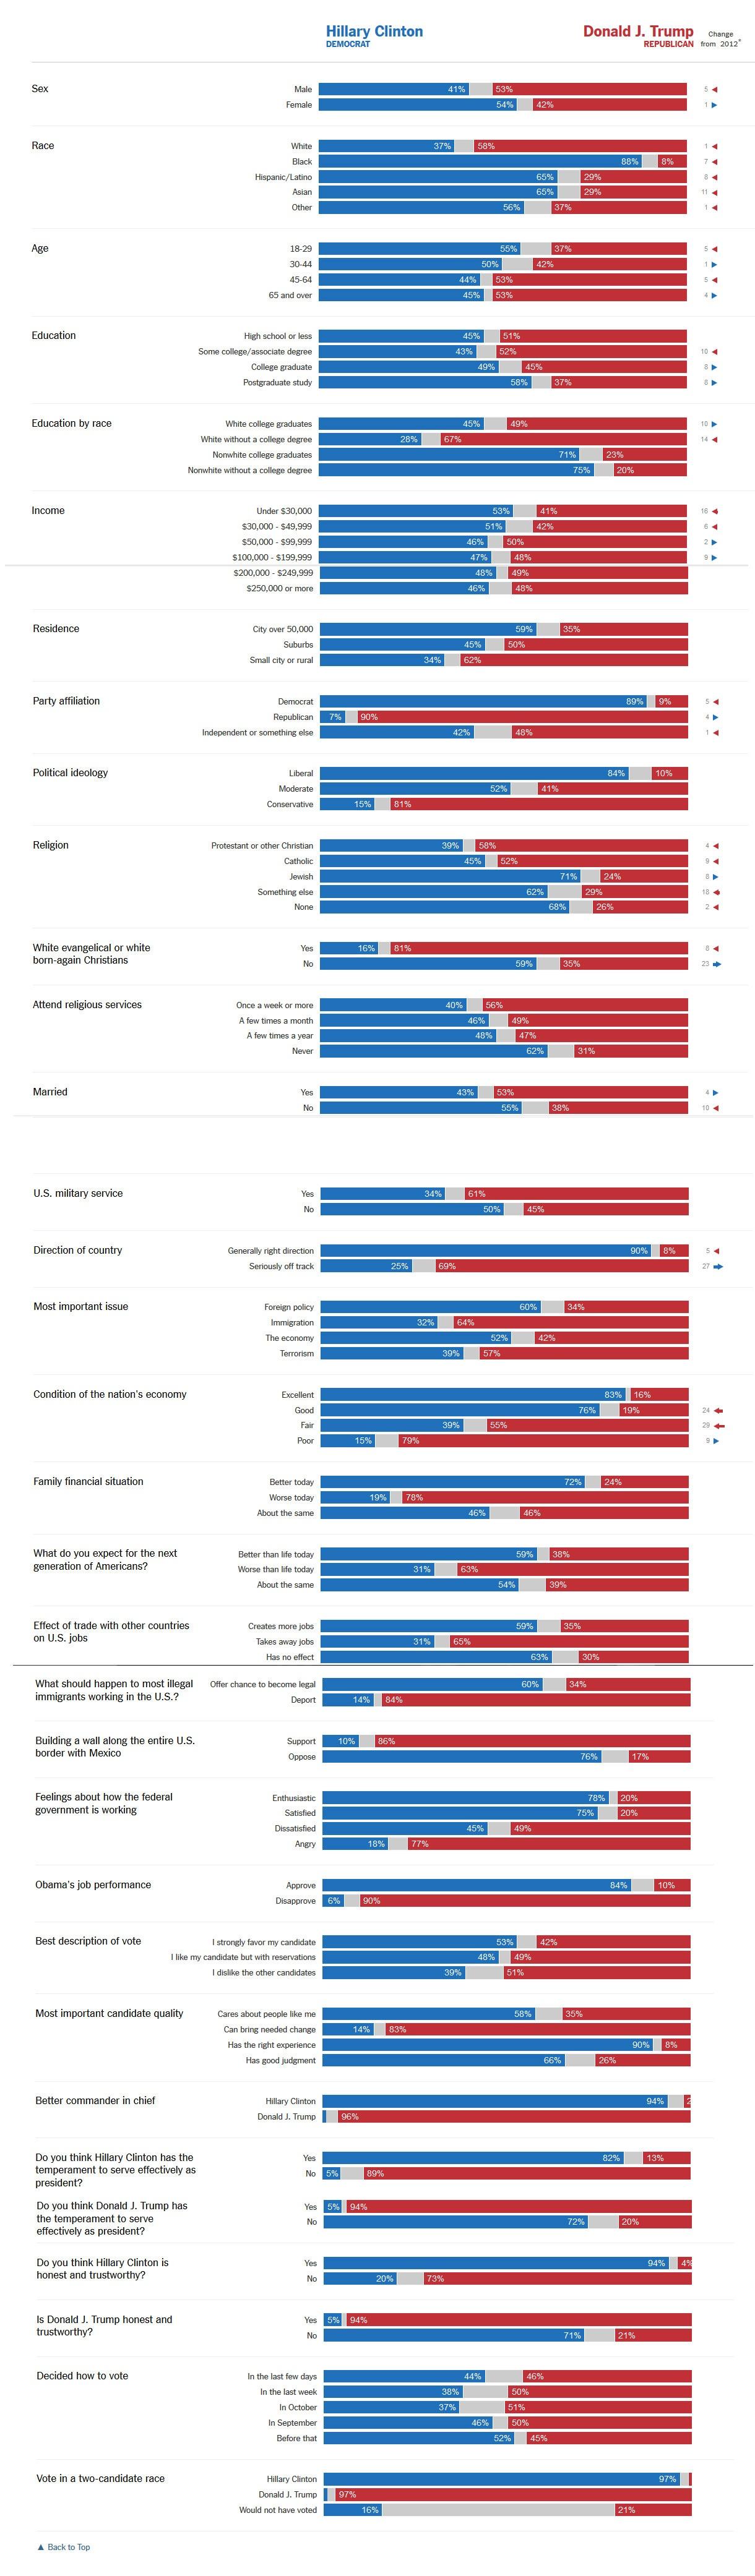 اینفوگراف انتخابات آمریکا